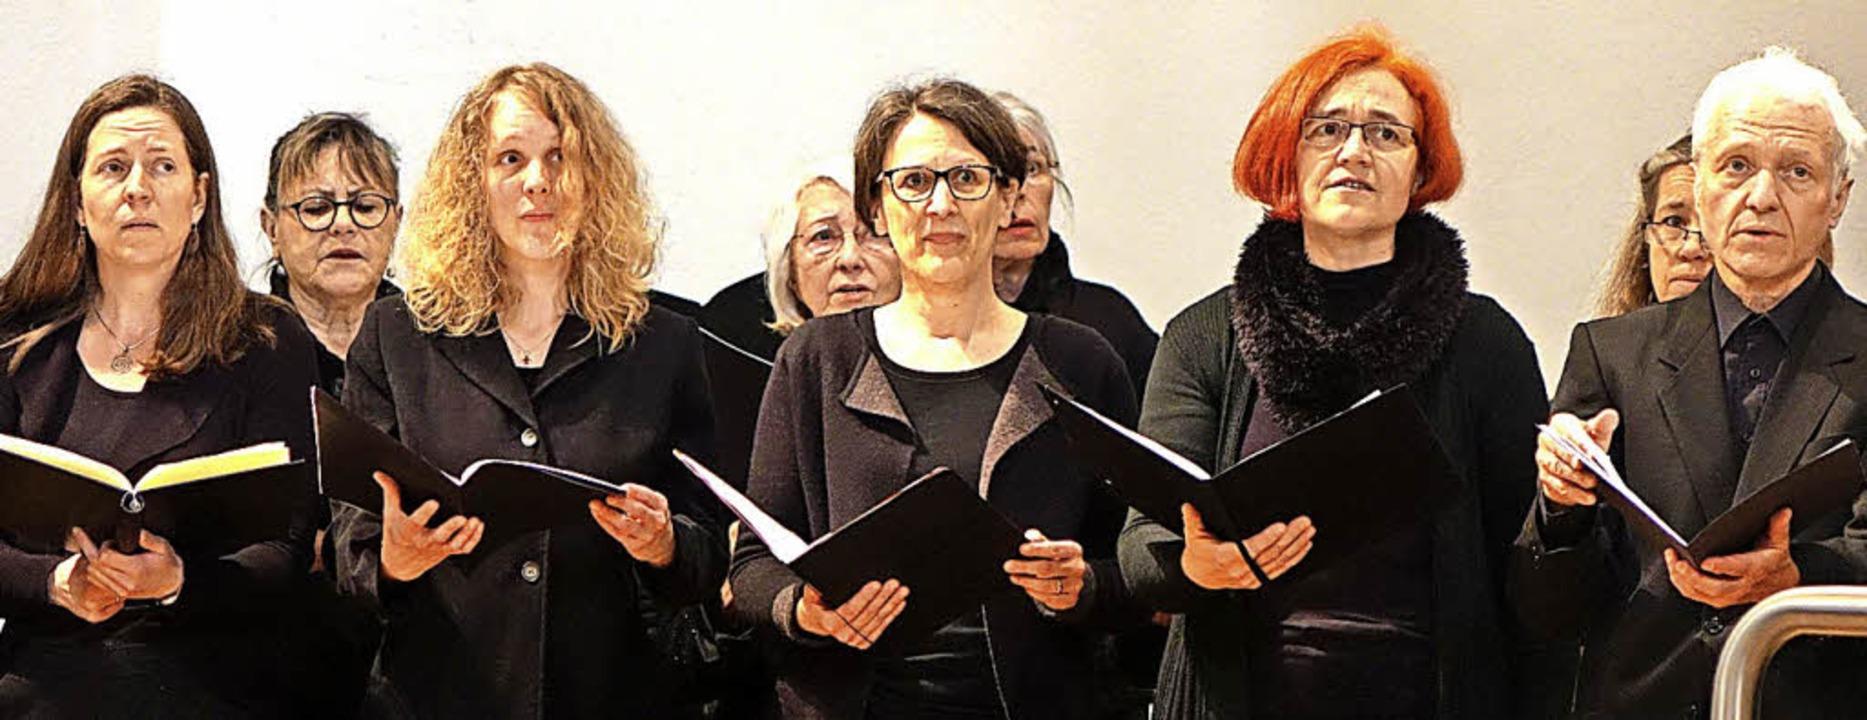 Die Kantorei Schopfheim sang an Karfreitag bewegende Choräle von Bach.    Foto: Roswitha Frey